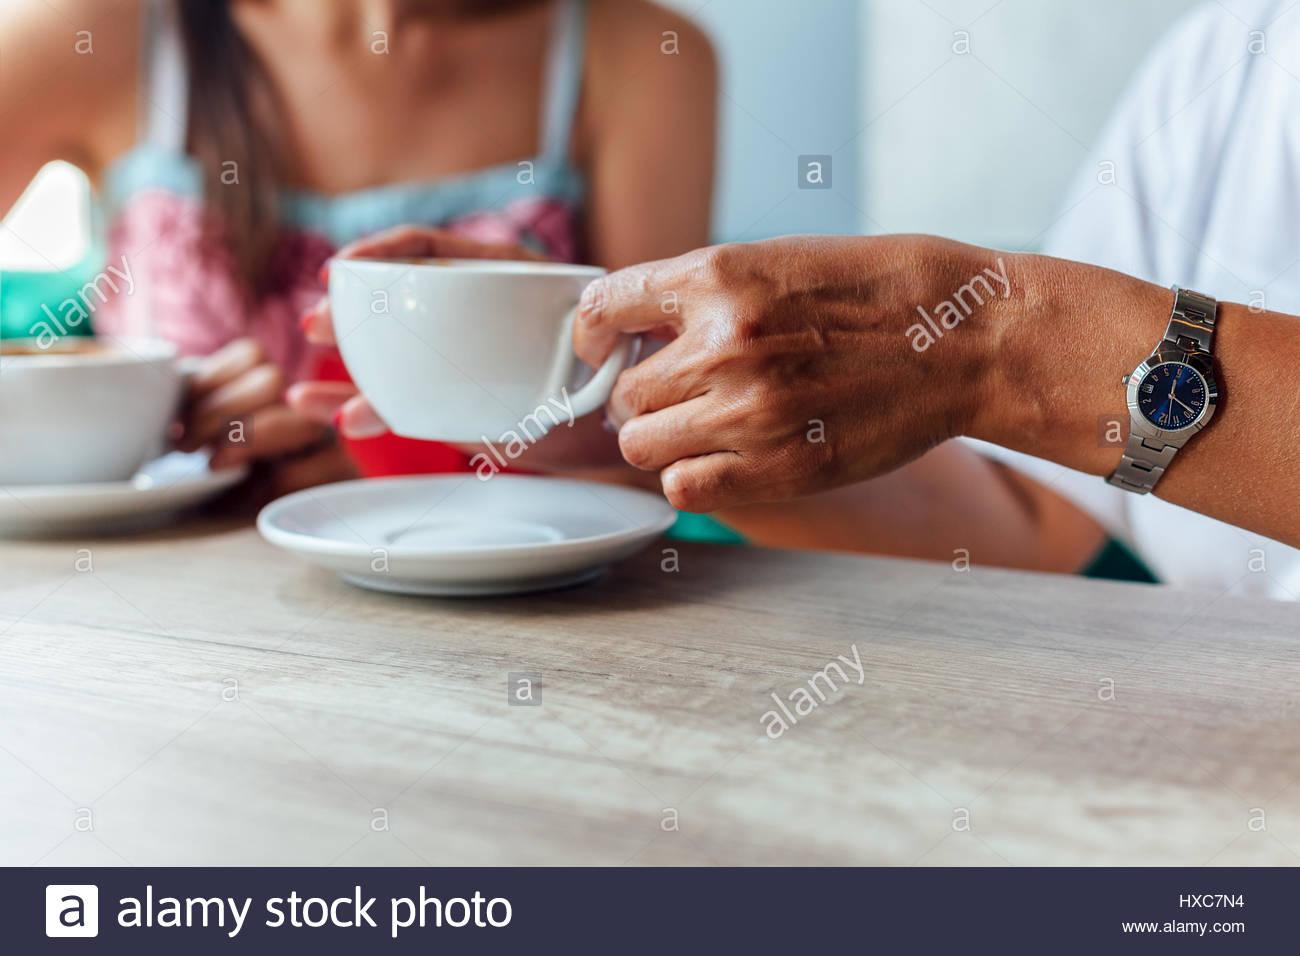 Kaffee Zeit, Mutter und Tochter trinkt Kaffee in einem Café. Stockbild